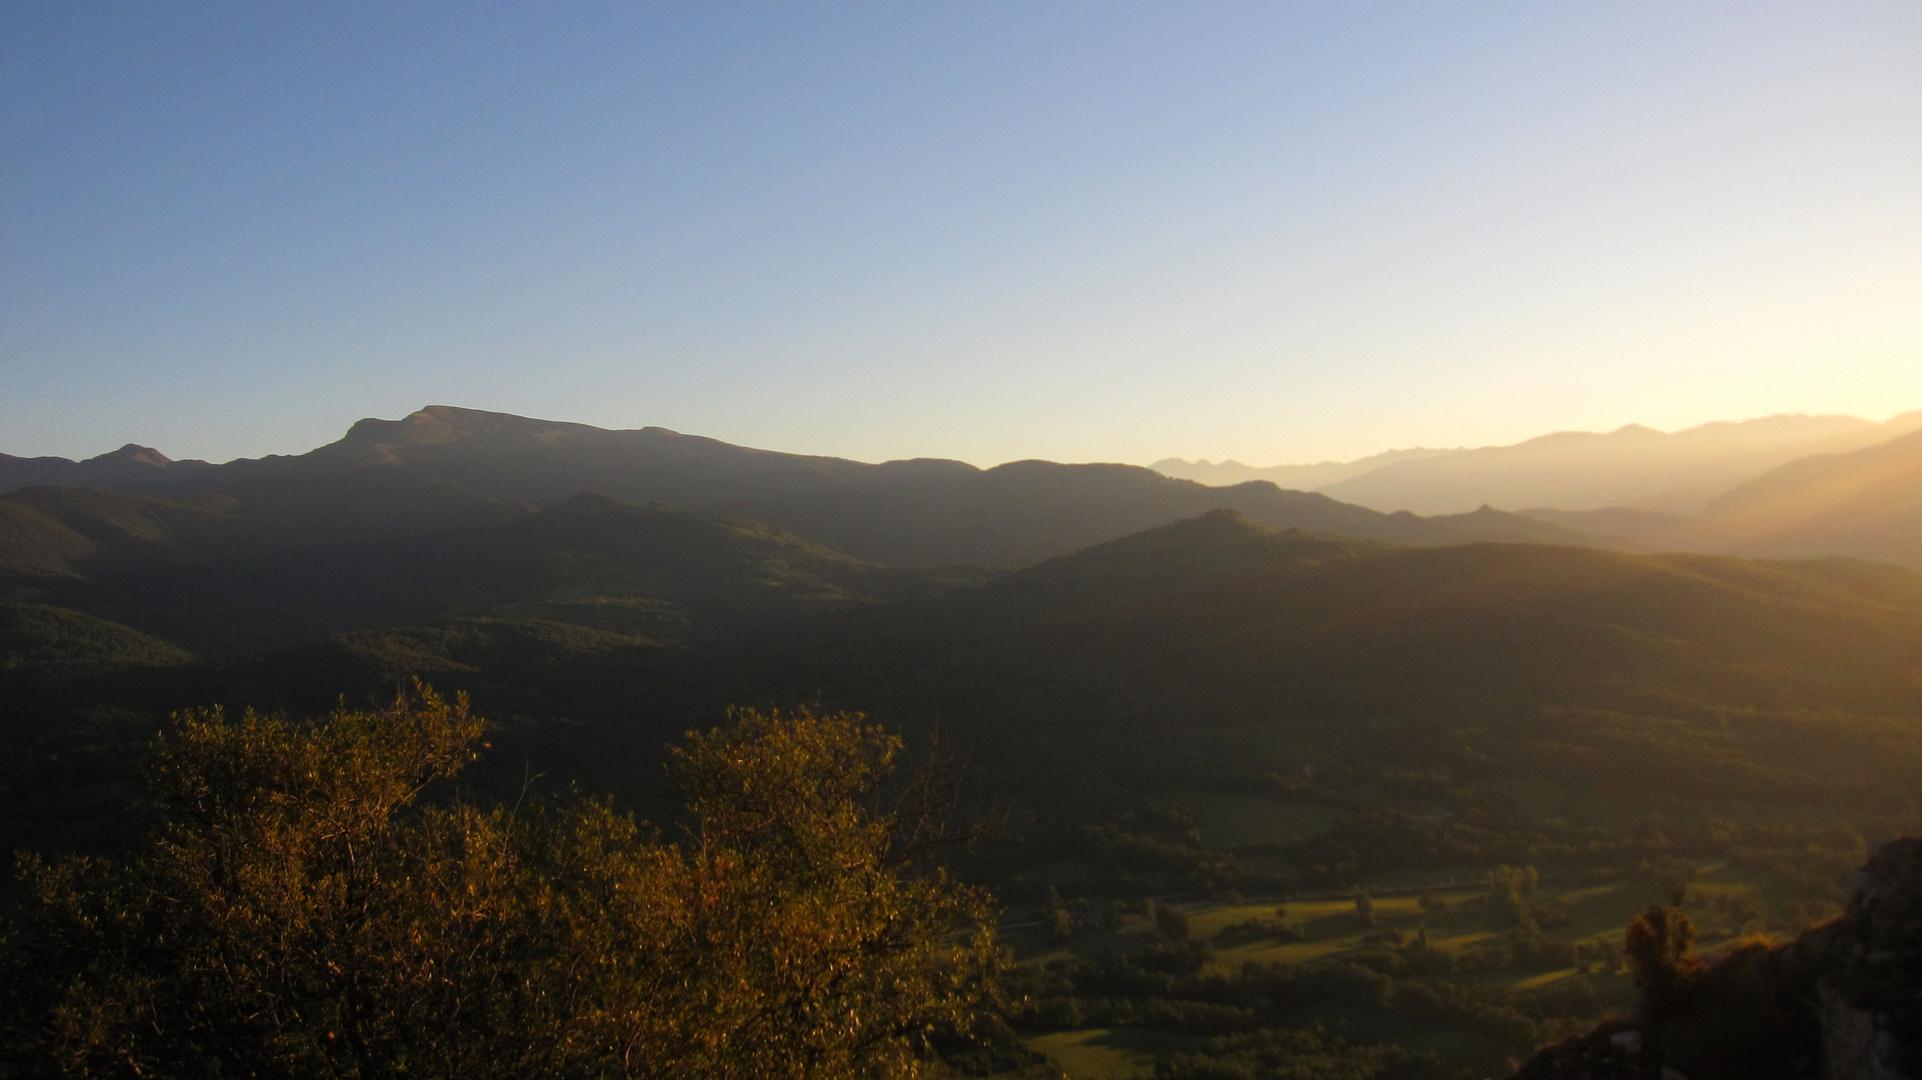 coucher de soleil ariegeois